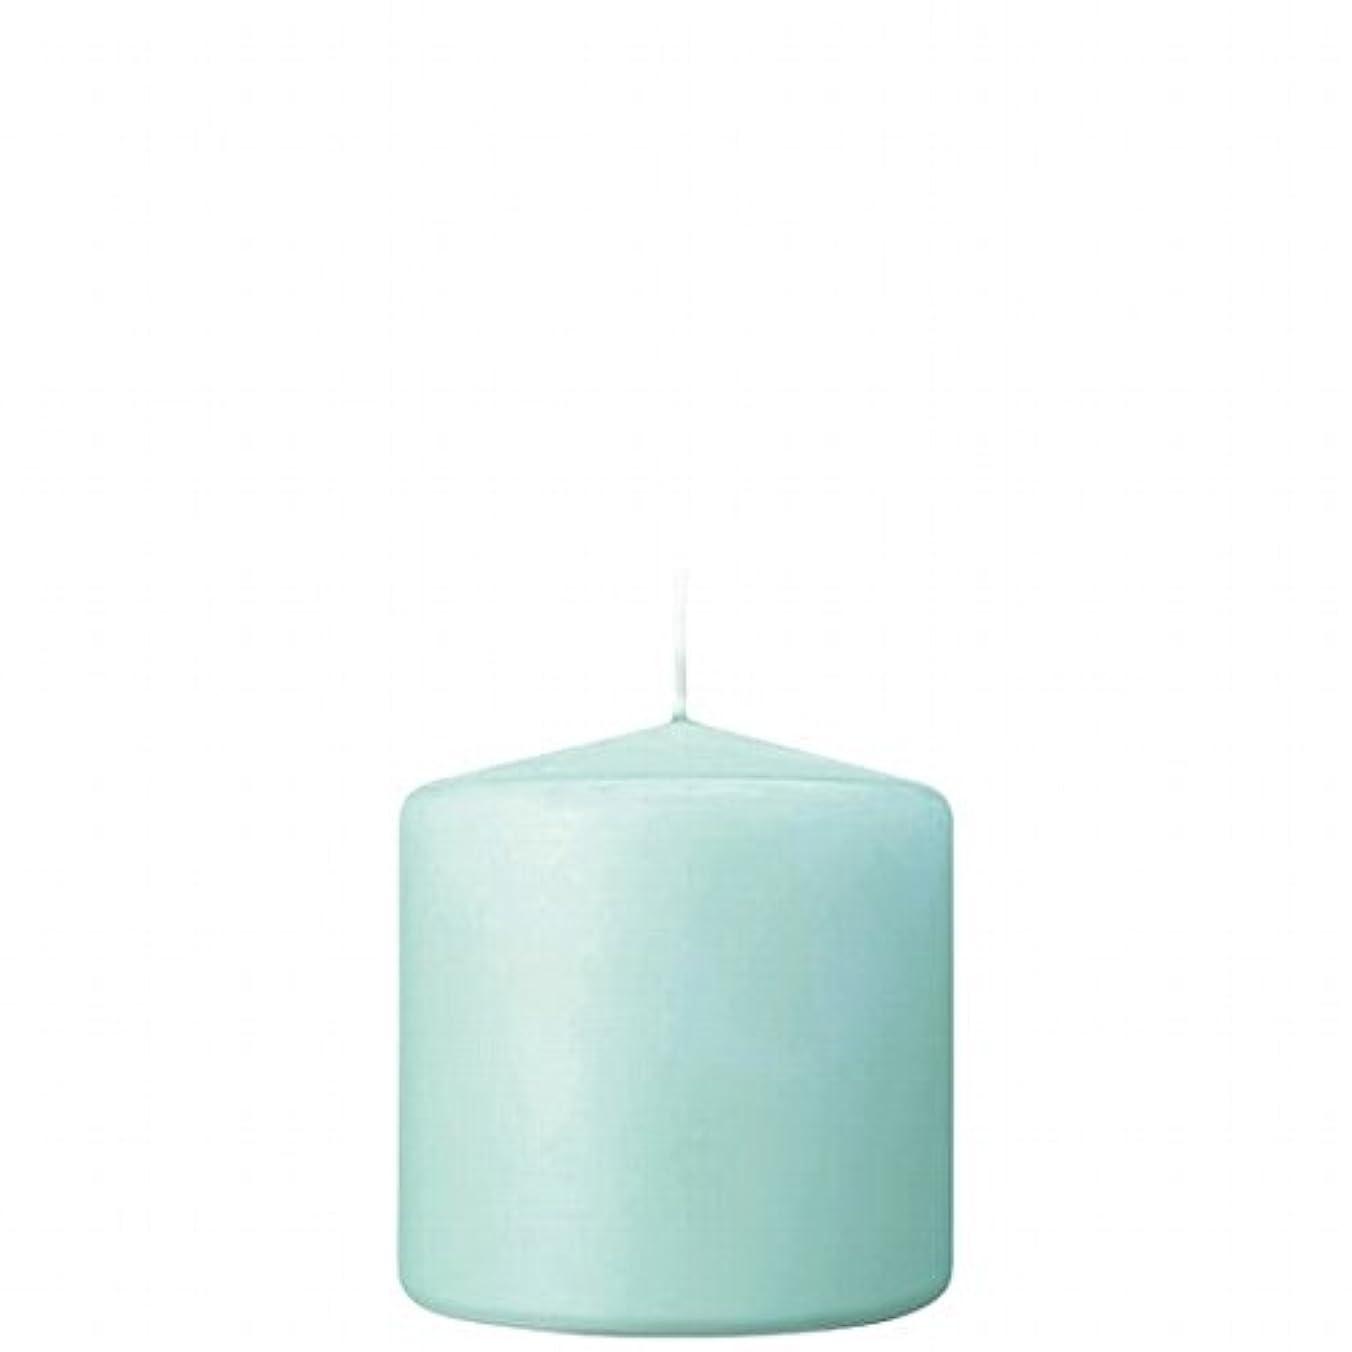 意志に反するさておき操作可能カメヤマキャンドル(kameyama candle) 3×3ベルトップピラーキャンドル 「 ライトブルー 」